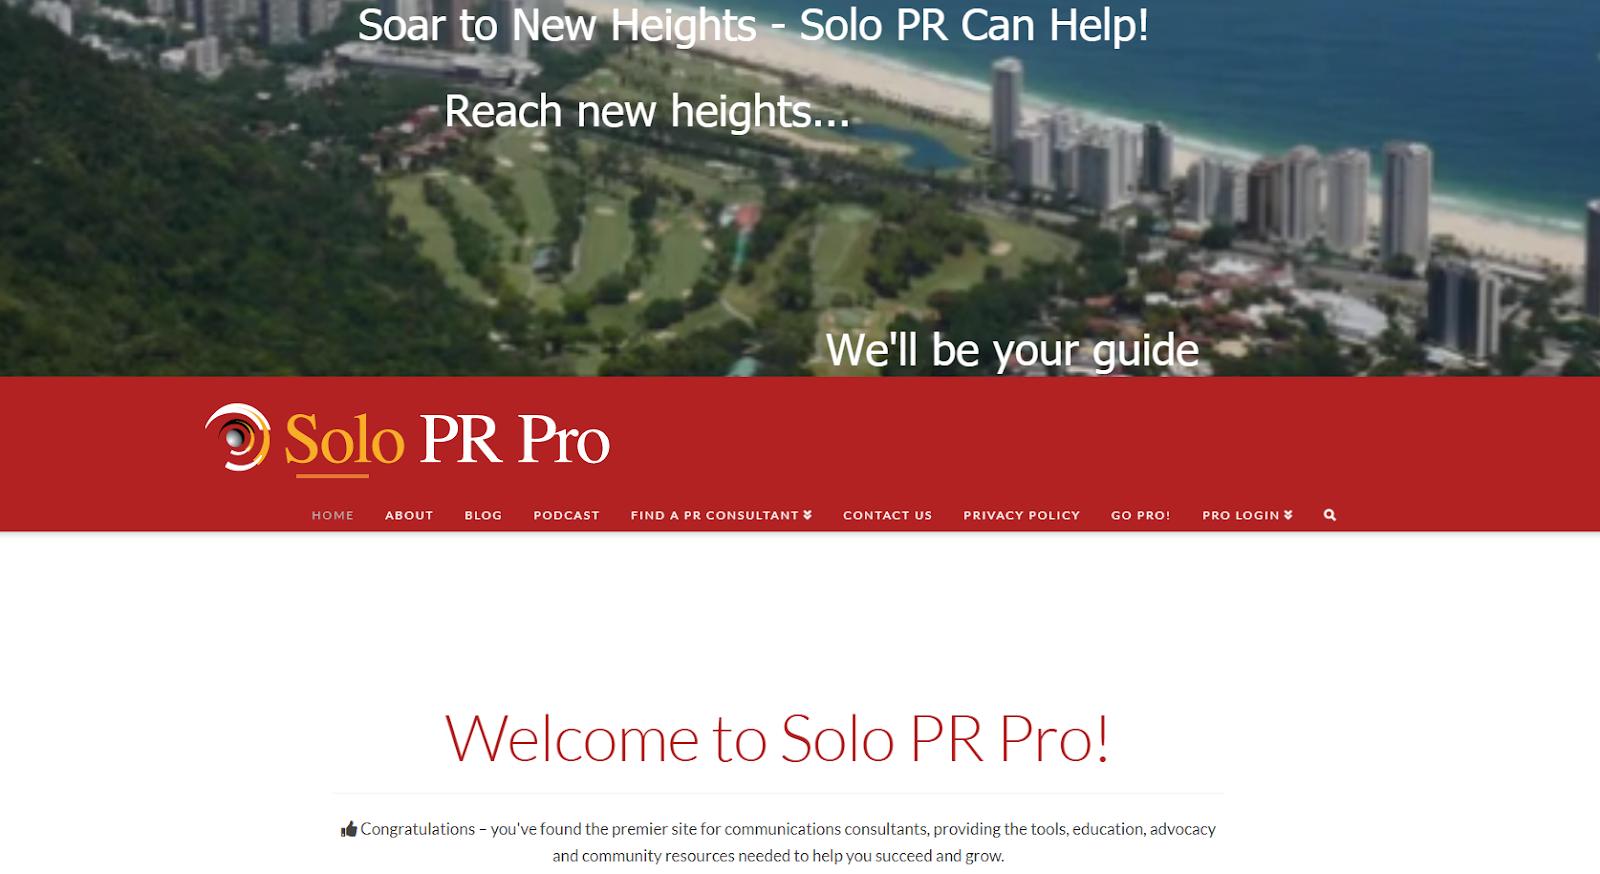 Solo PR Pro Home Page